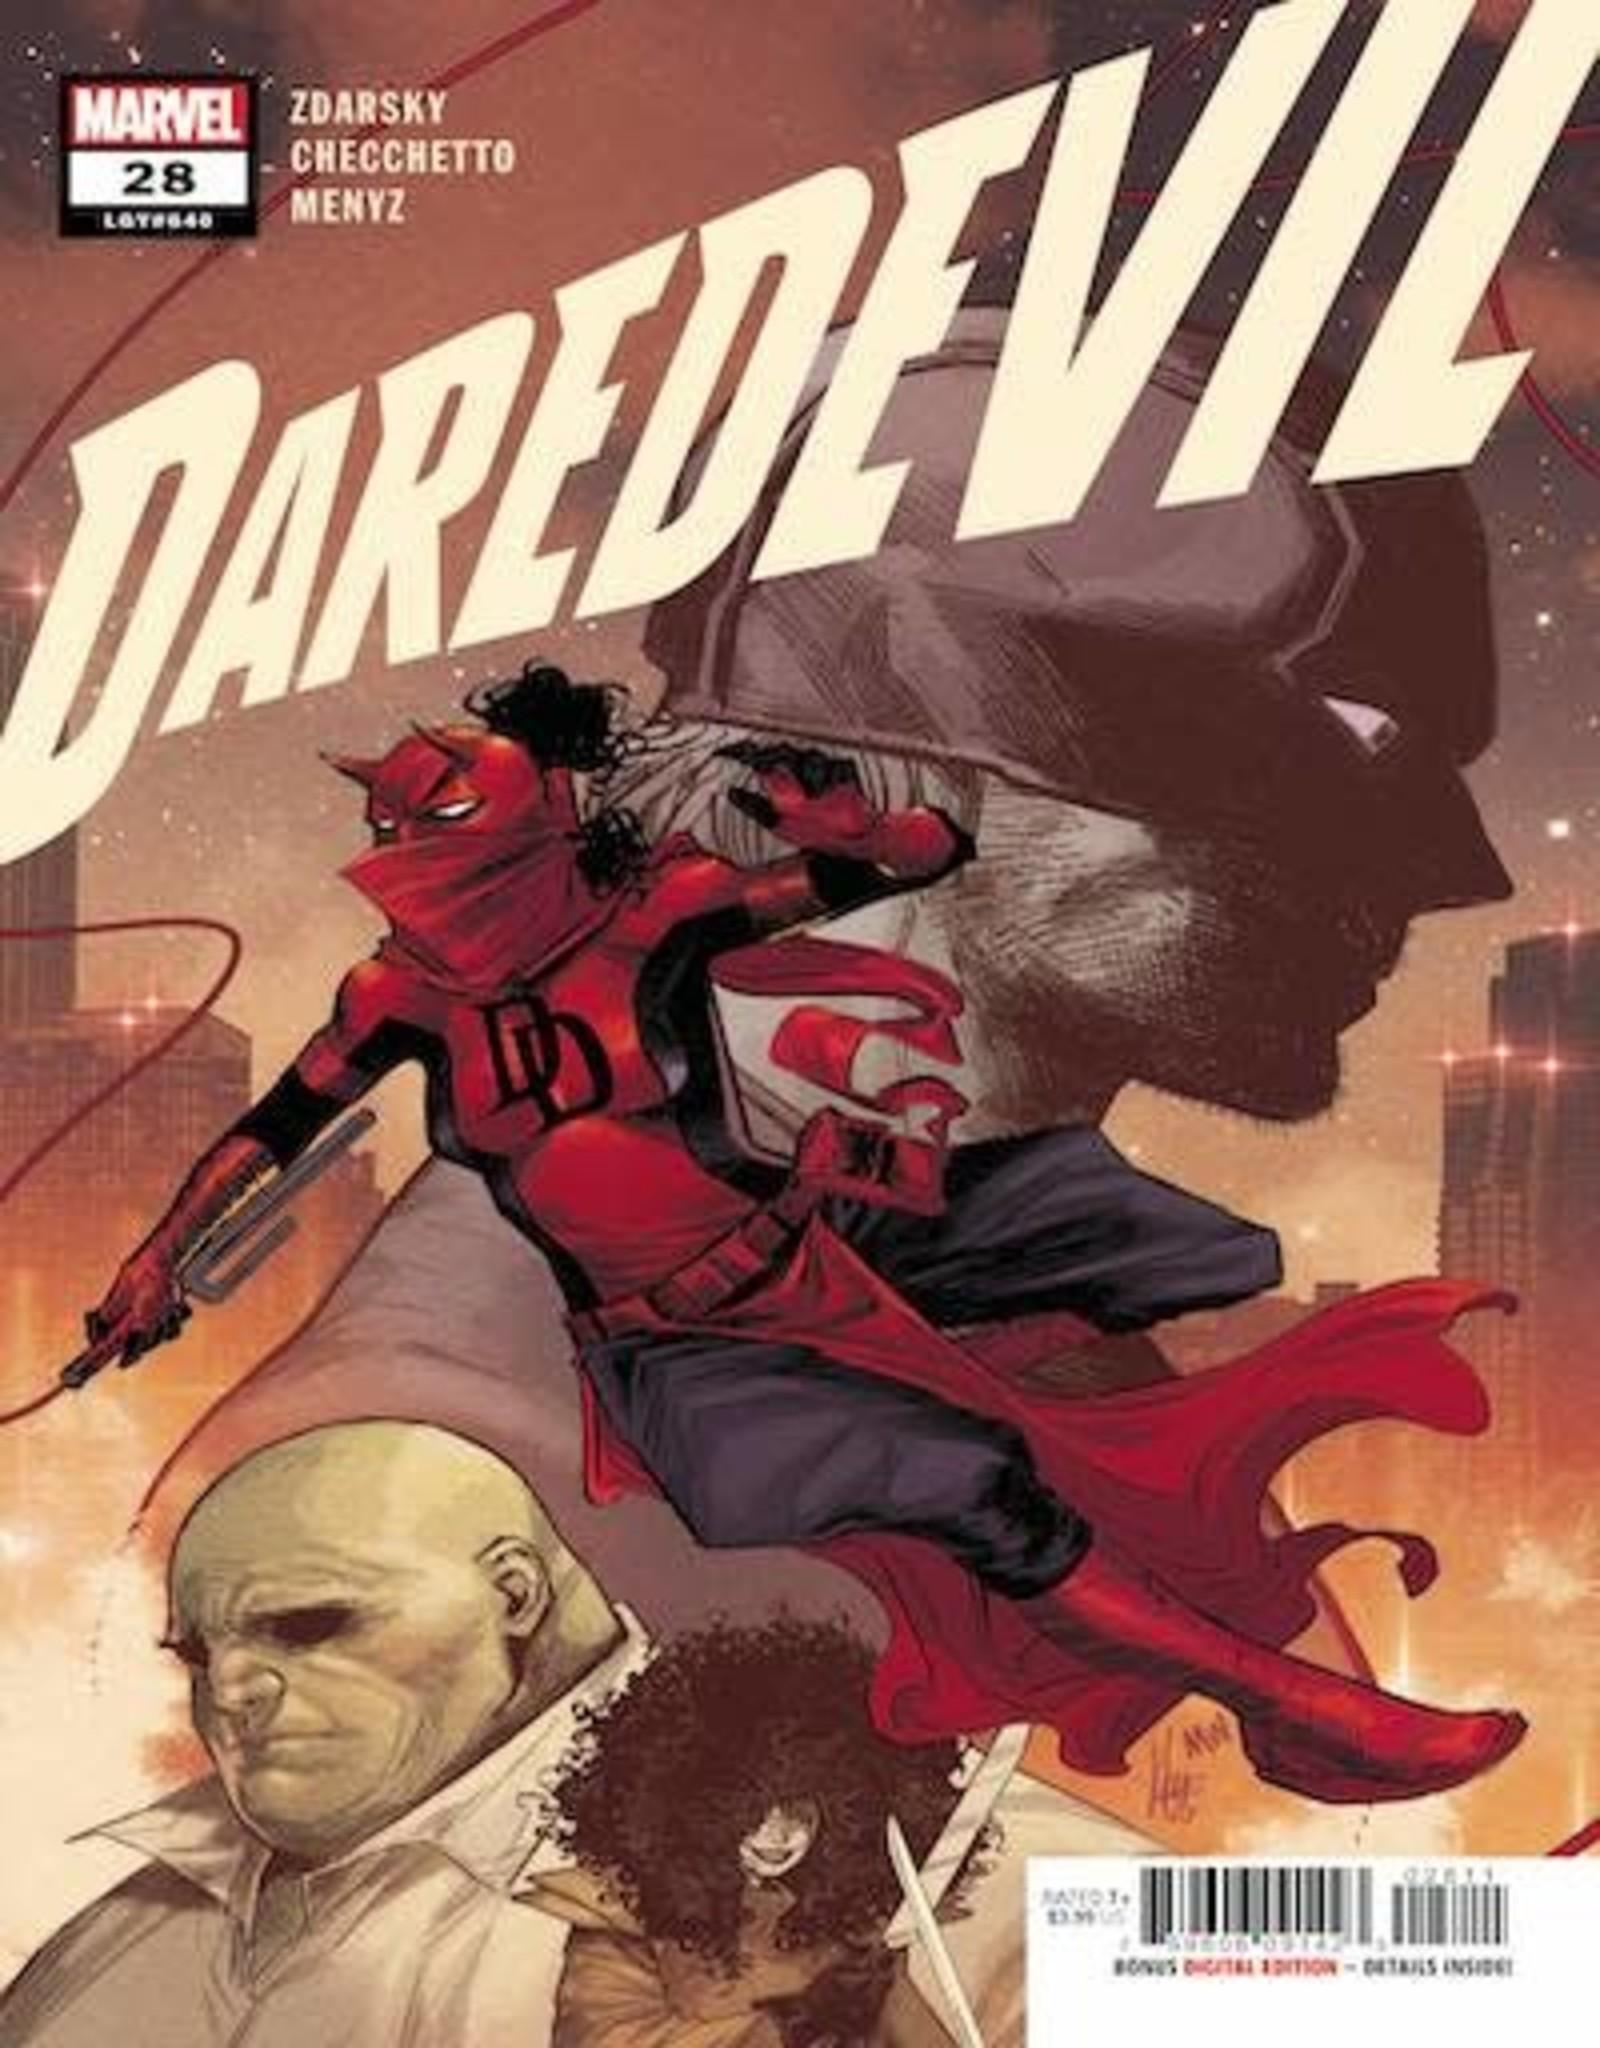 Marvel Comics Daredevil #28